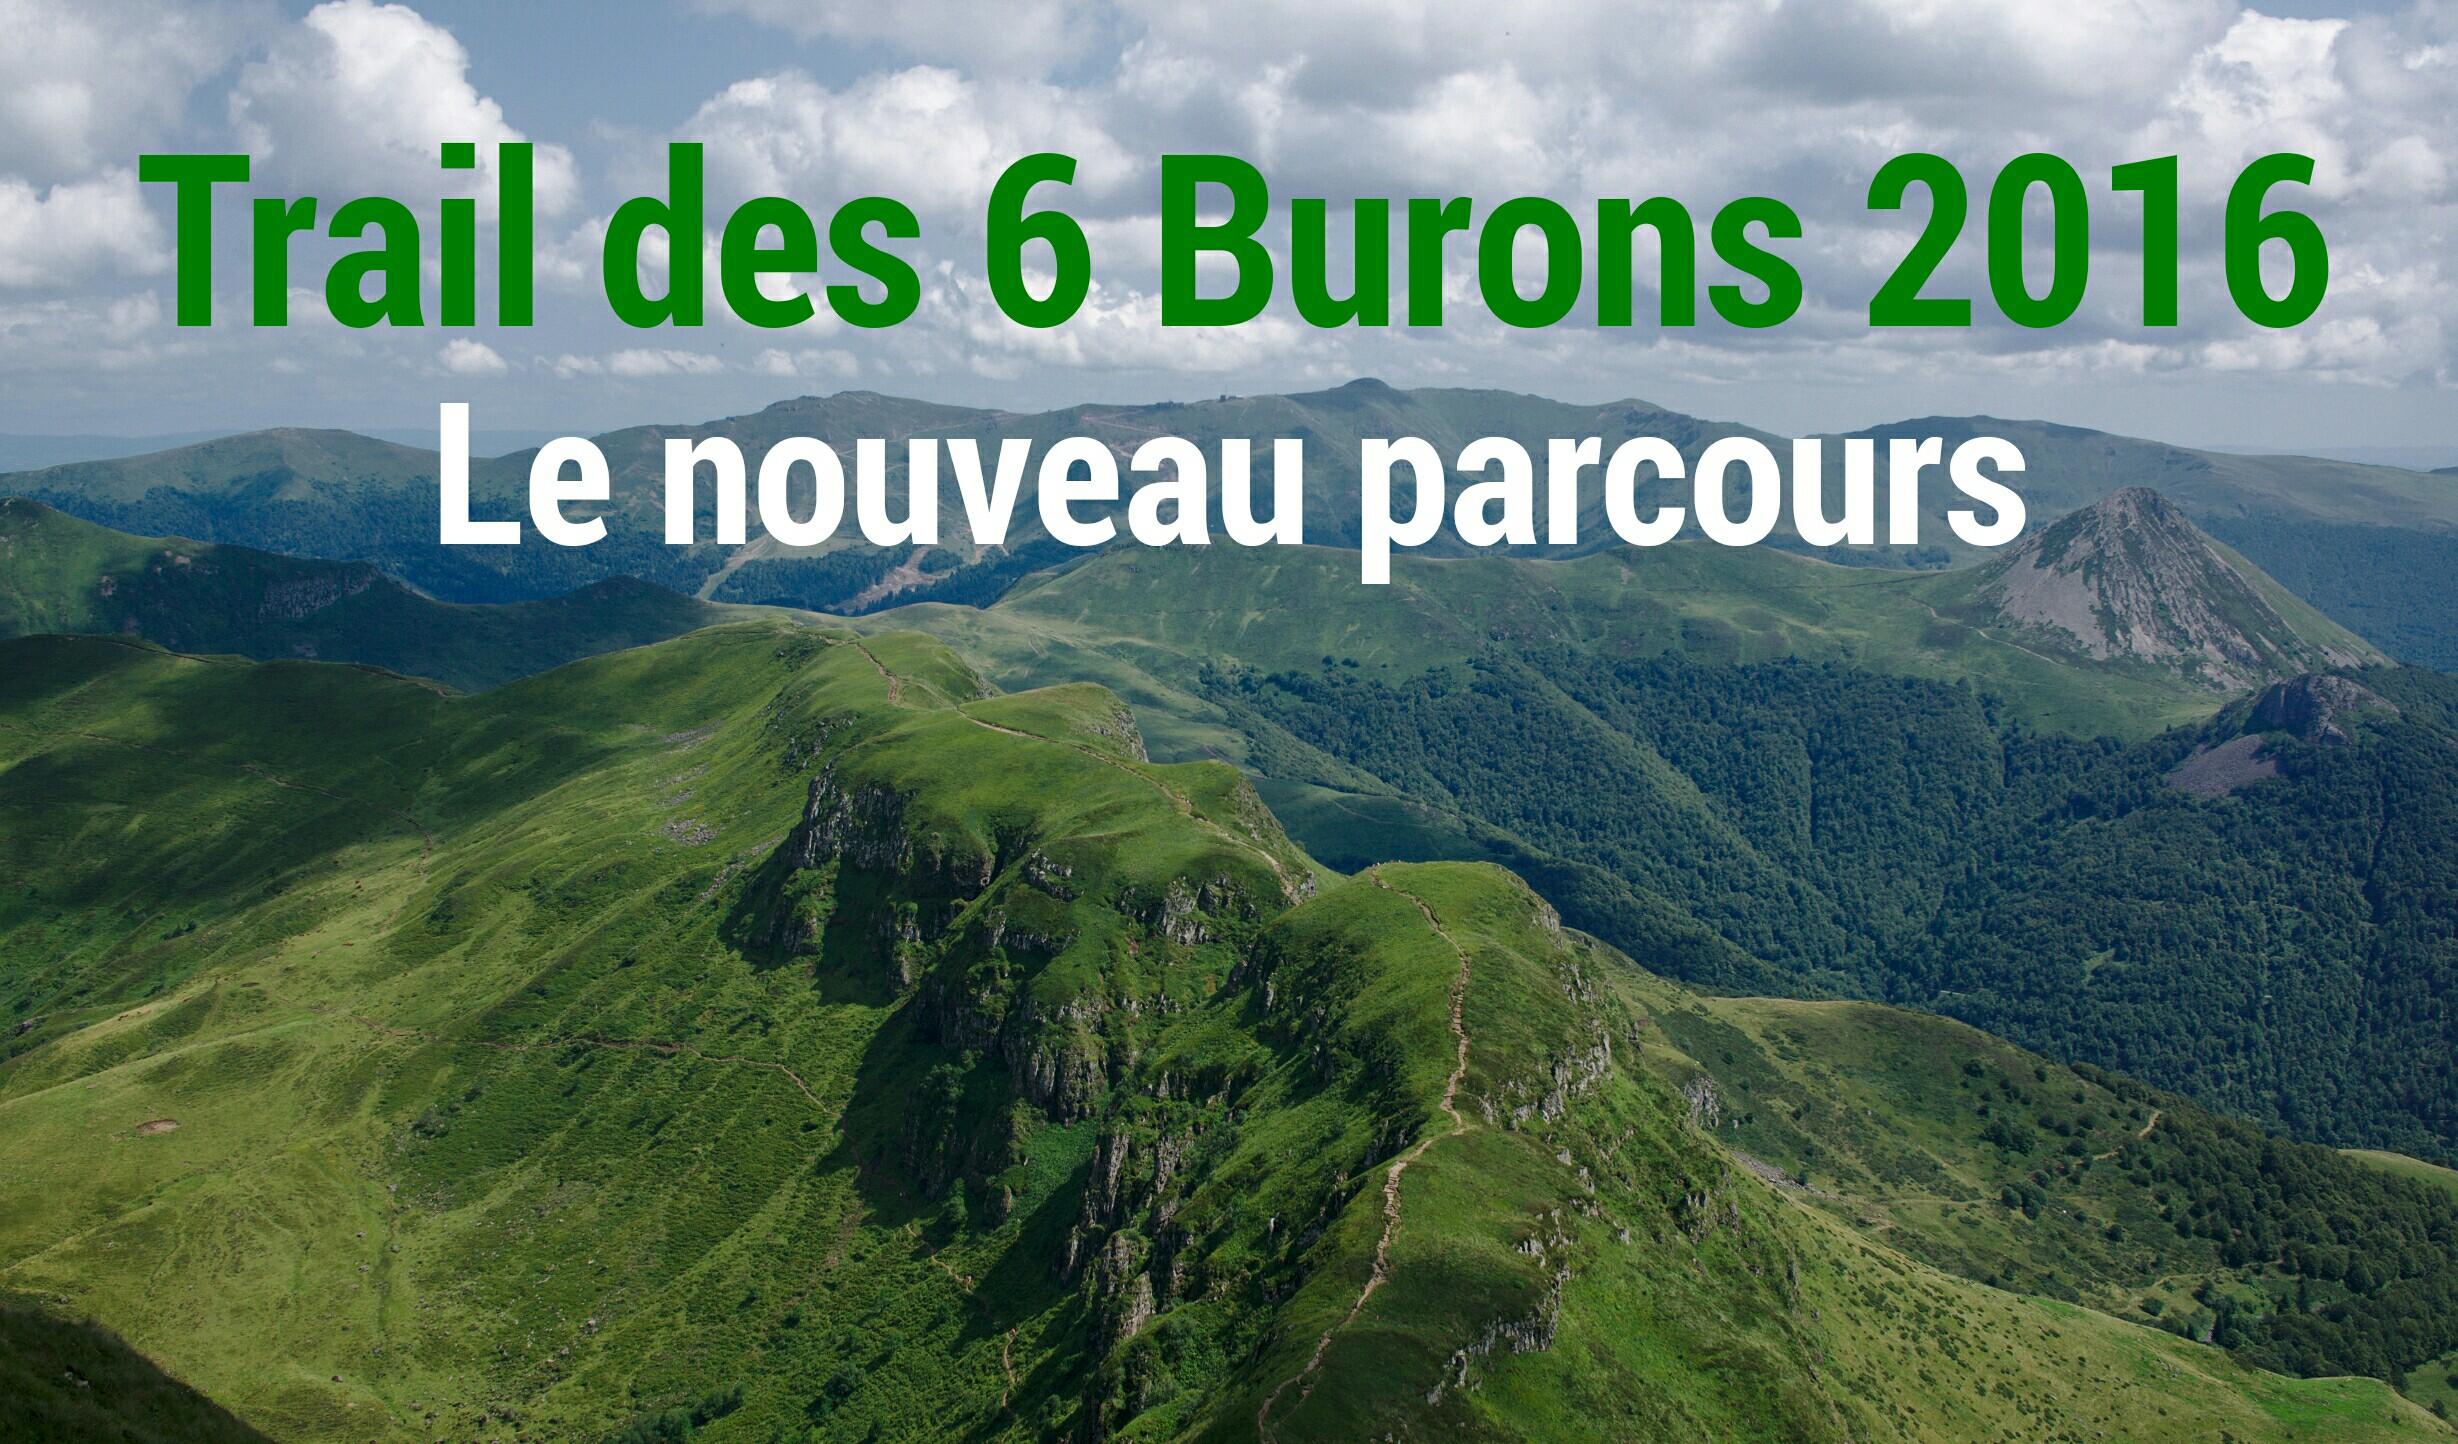 Trail des 6 Burons 2016 nouveau parcours